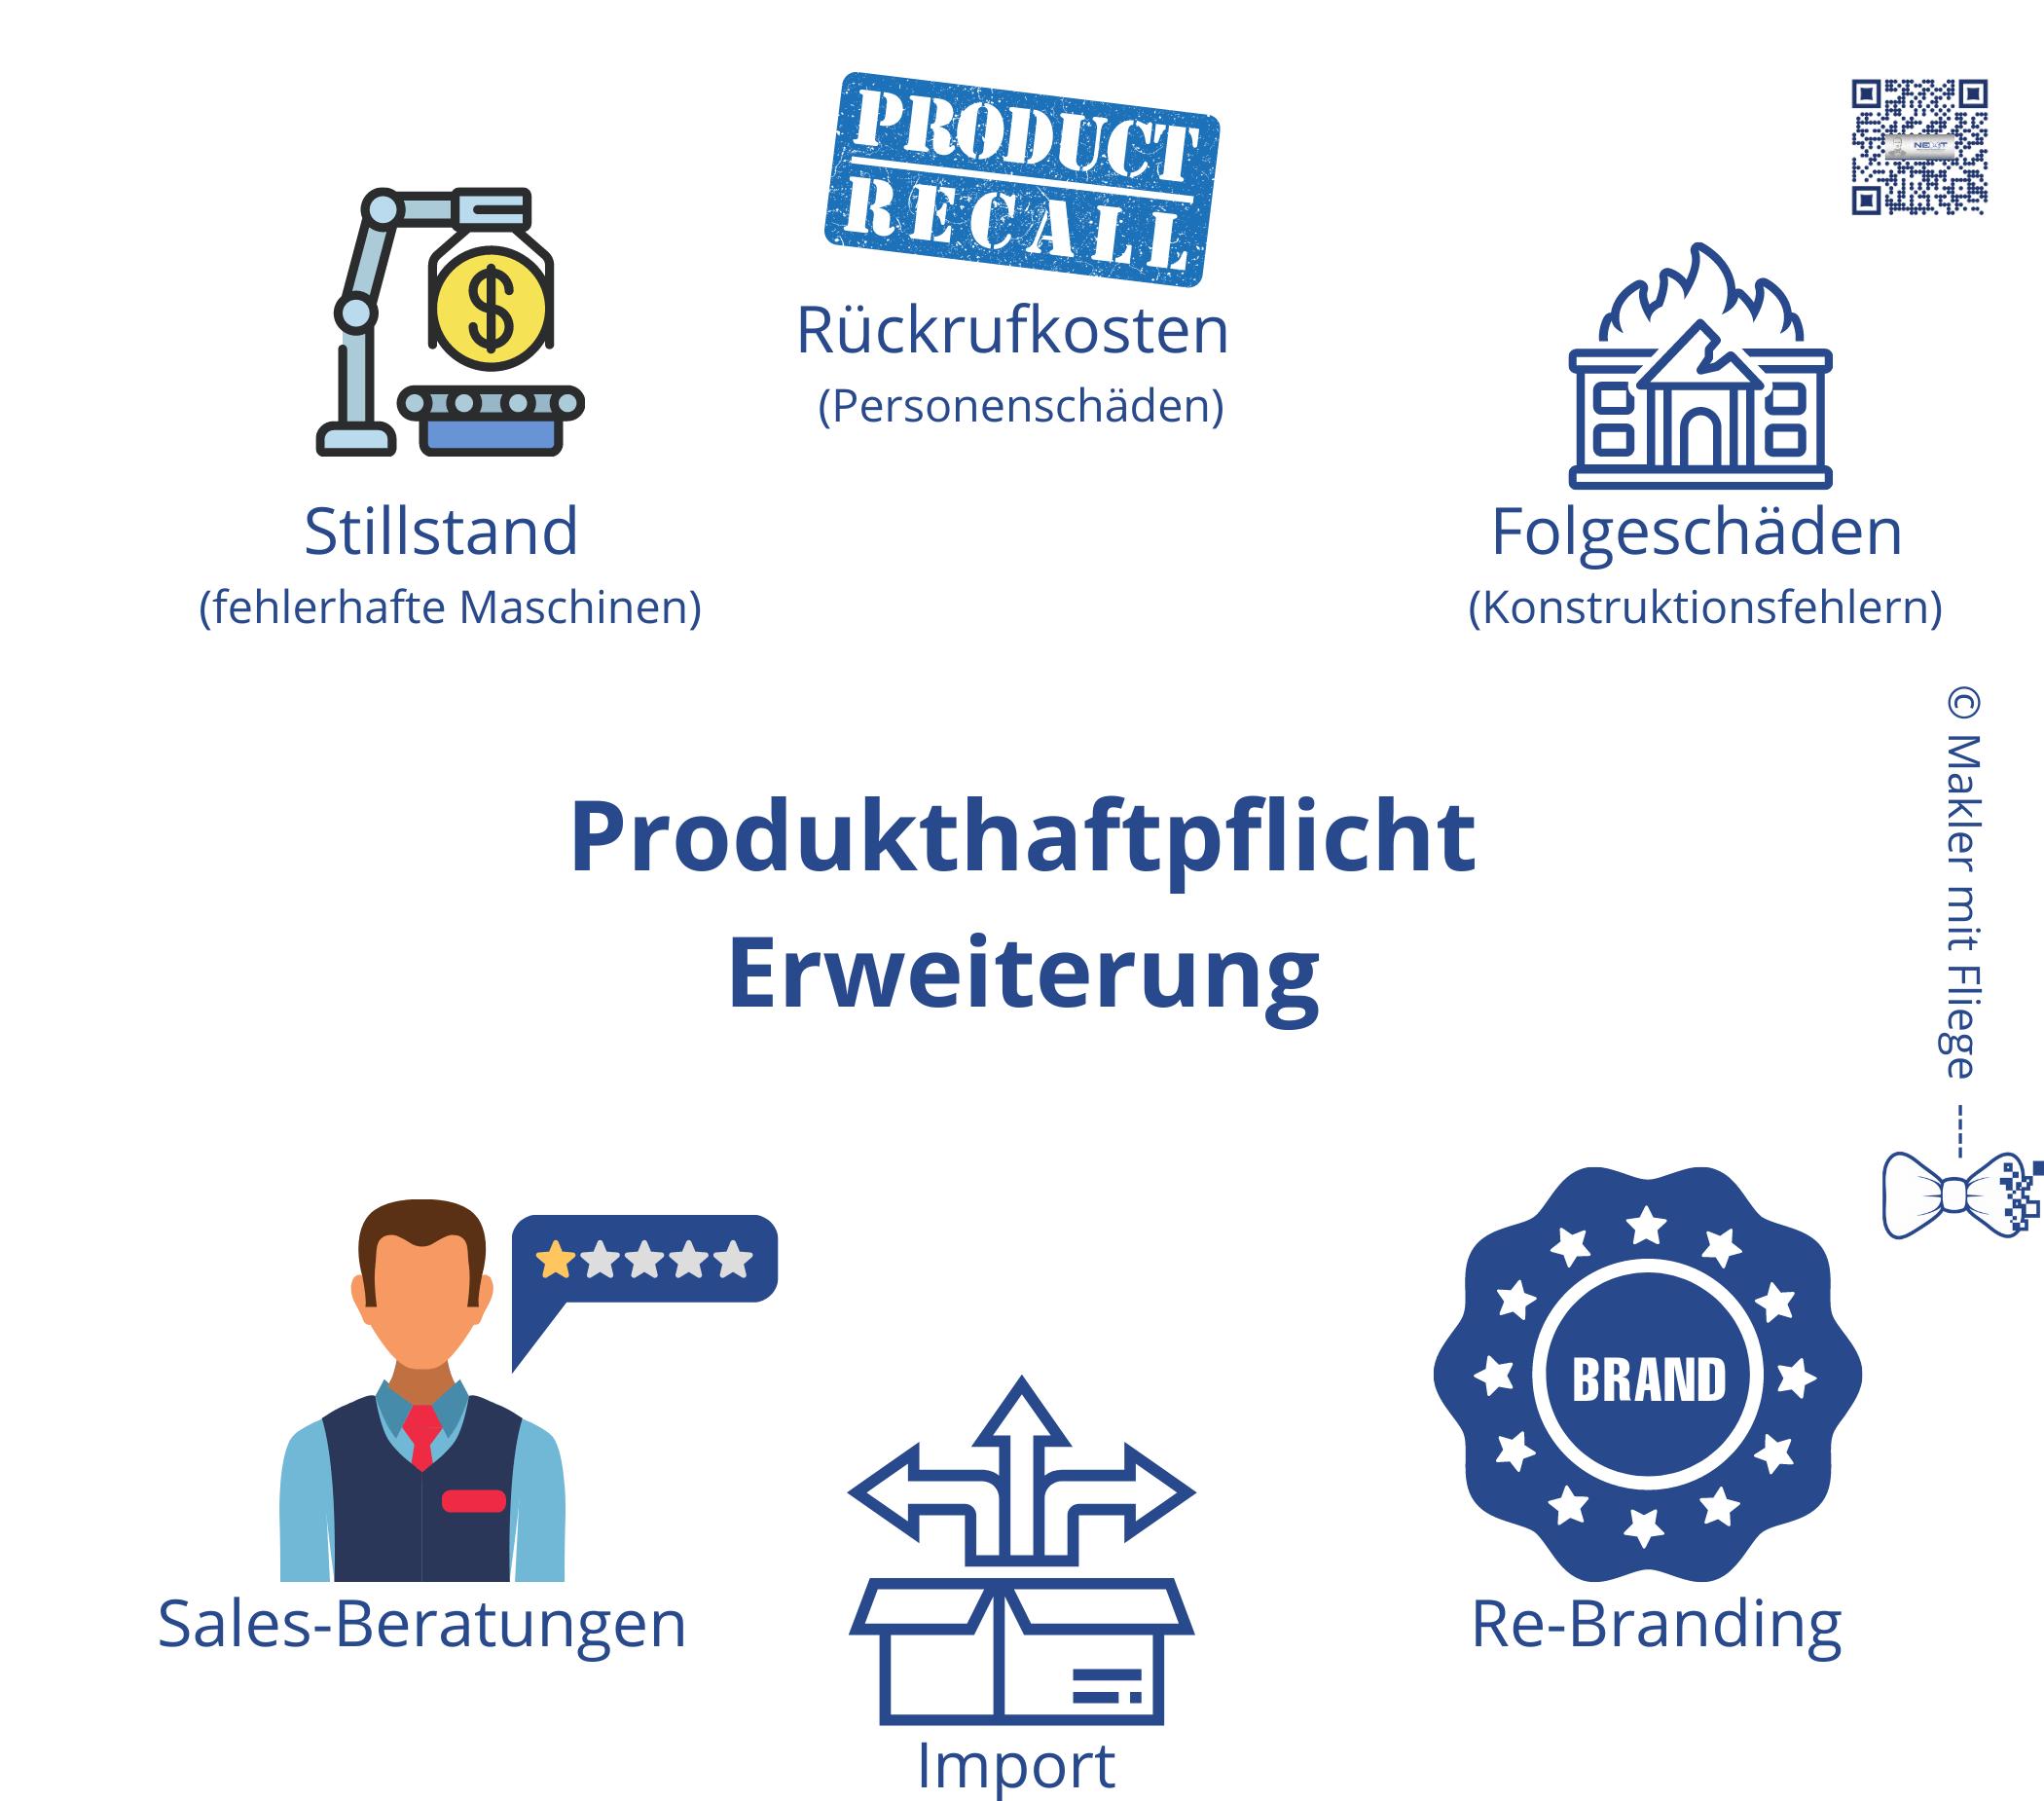 Vermögensschäden bei Produkten - Schaubild - Online Händler, Hersteller von Produkten und Maschinen - auch im medizinischen Bereich.